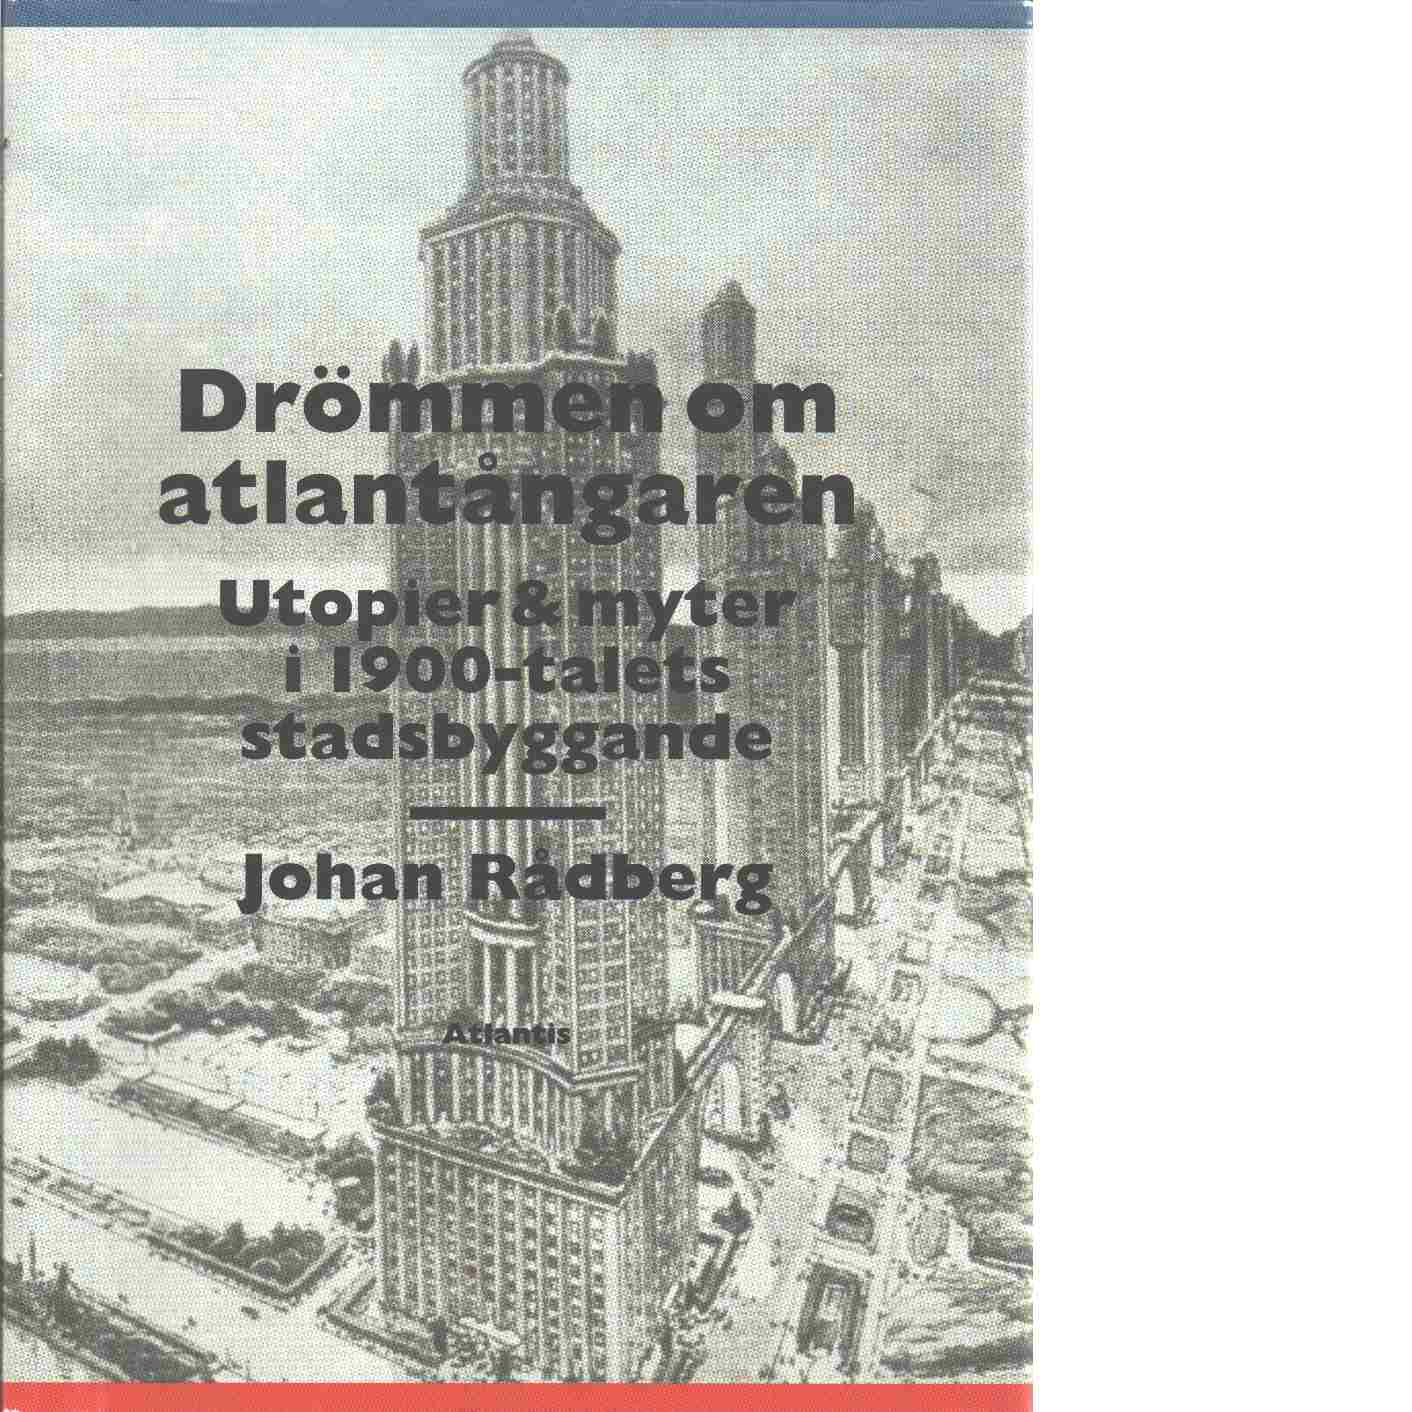 Drömmen om atlantångaren : utopier & myter i 1900-talets stadsbyggande - Rådberg, Johan